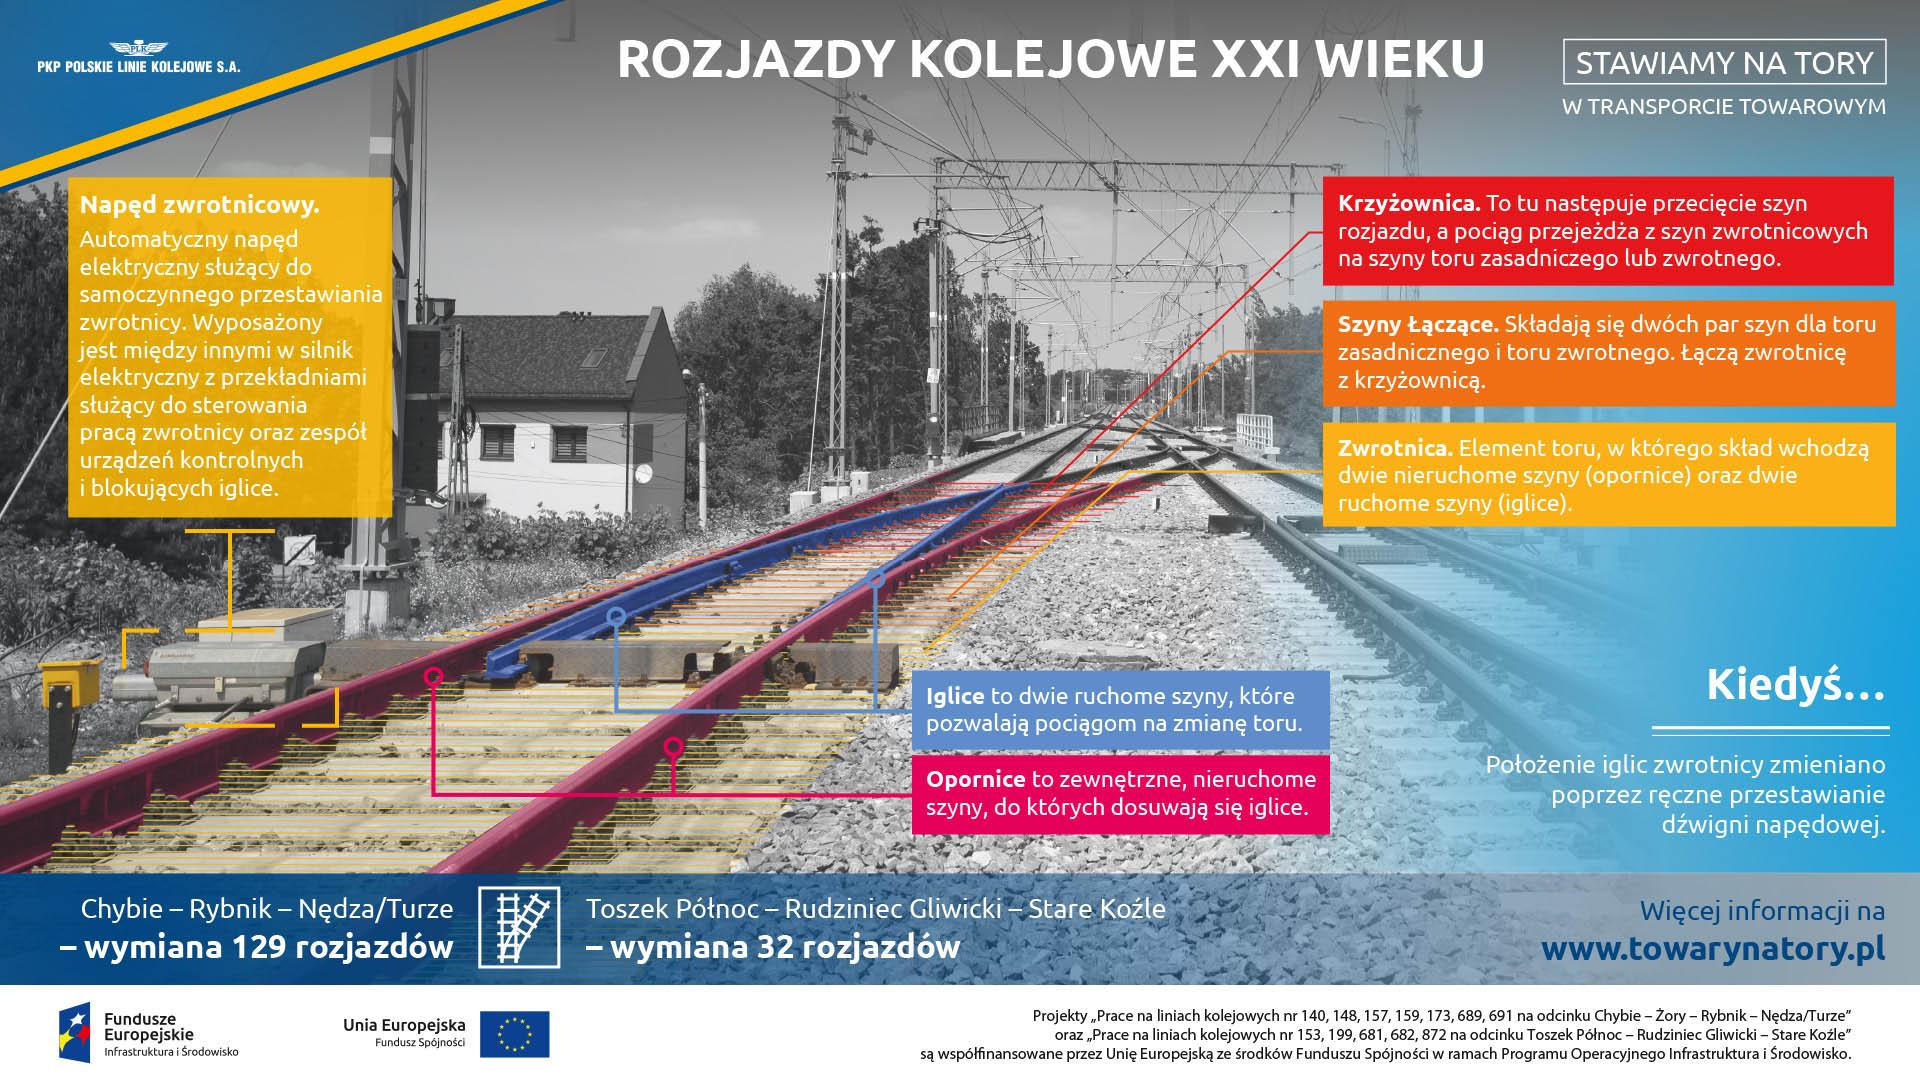 Infografika mówi o współczesnych rozjazdach kolejowych i o elementach składających się na nie. Są to napęd zwrotnicowy, iglica, opornica, krzyżownica, szyny łączące i zwrotnica